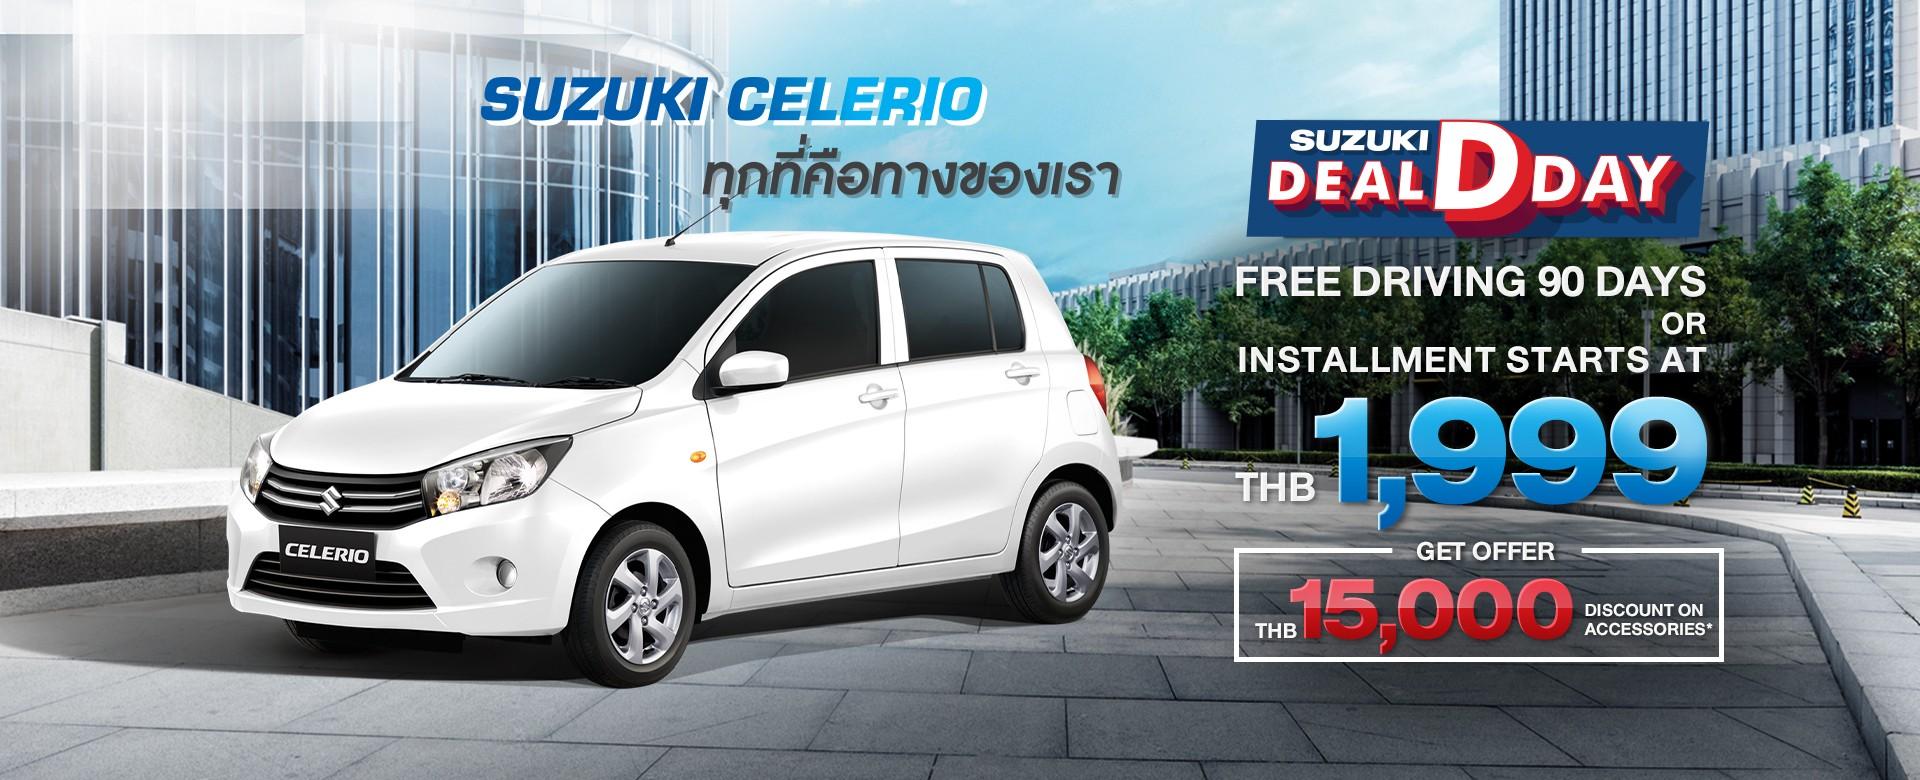 Suzuki CELERIO Promotion